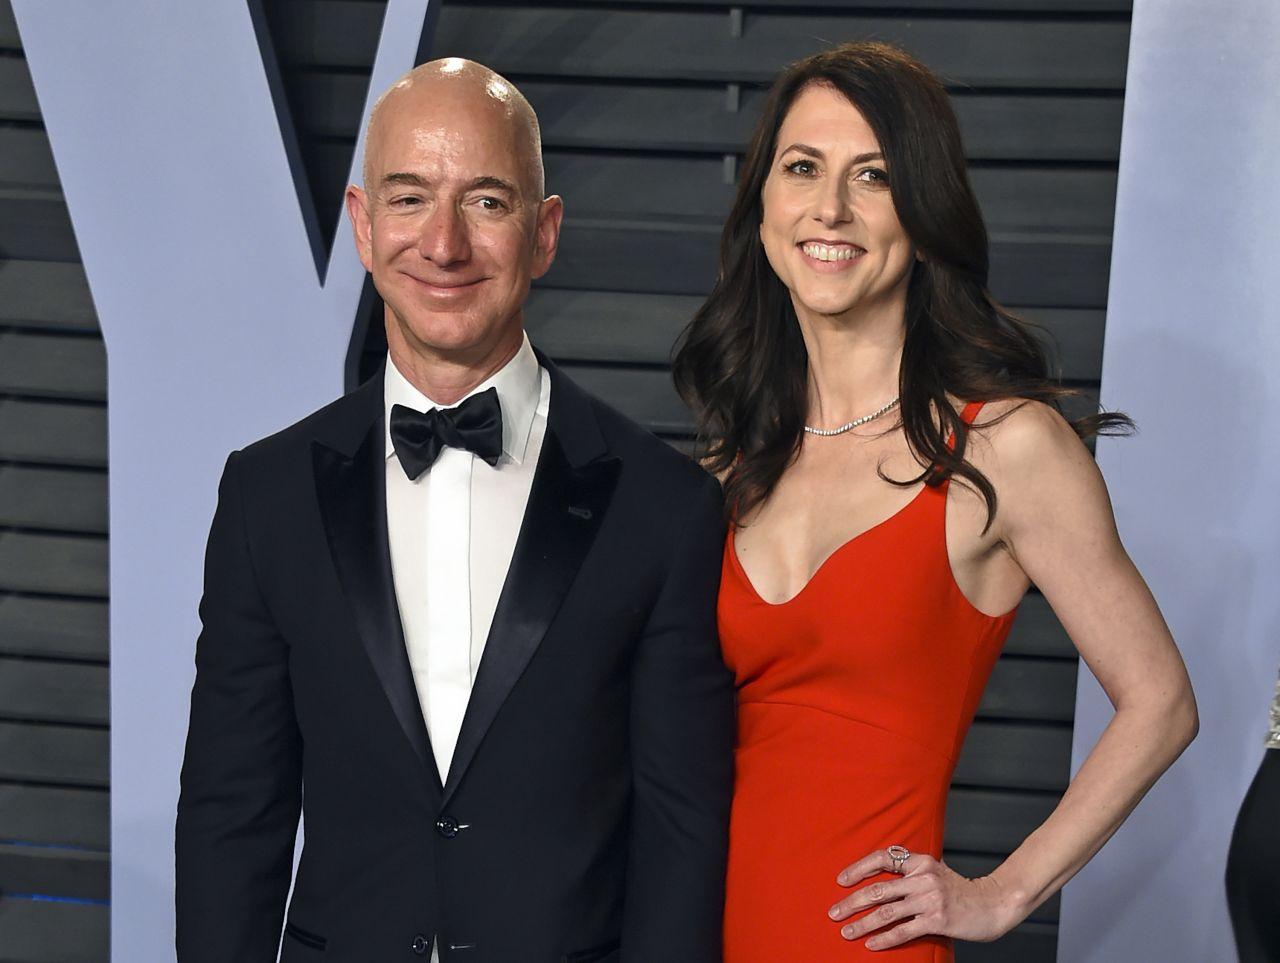 Gehen seit 2019 getrennte Wege: Jeff und MacKenzie Bezos.